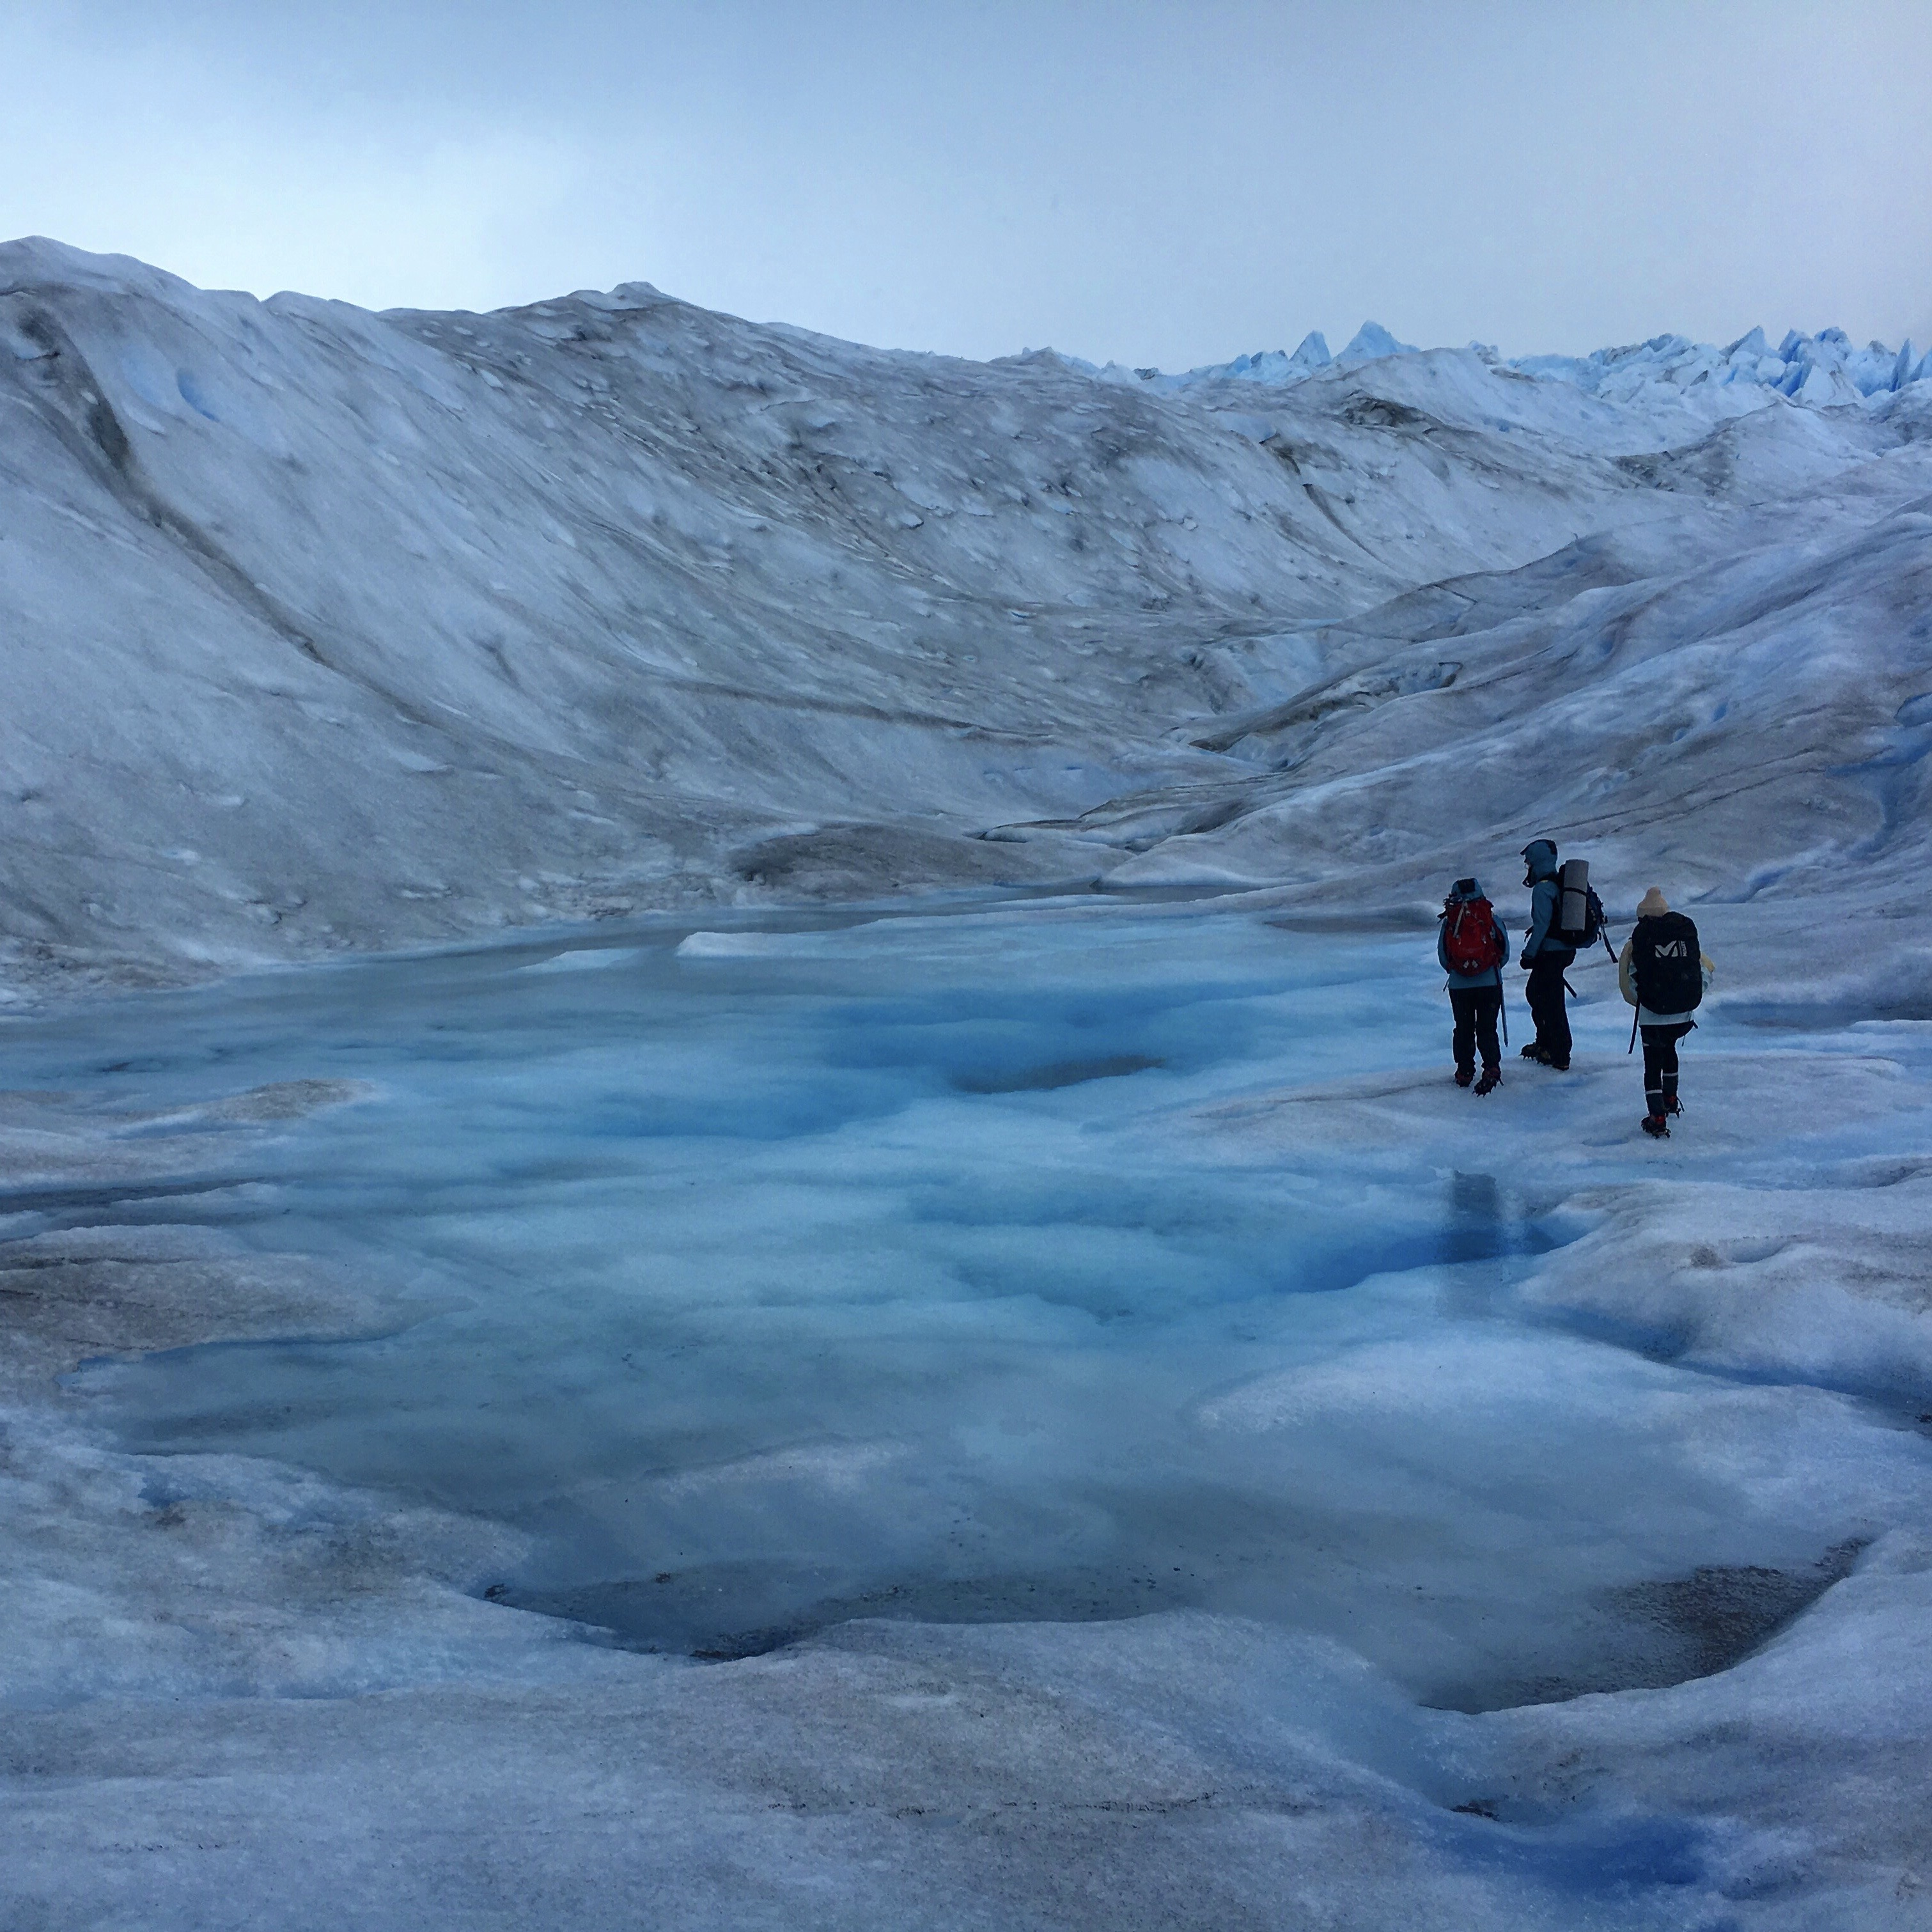 ペリトモレノ氷河2